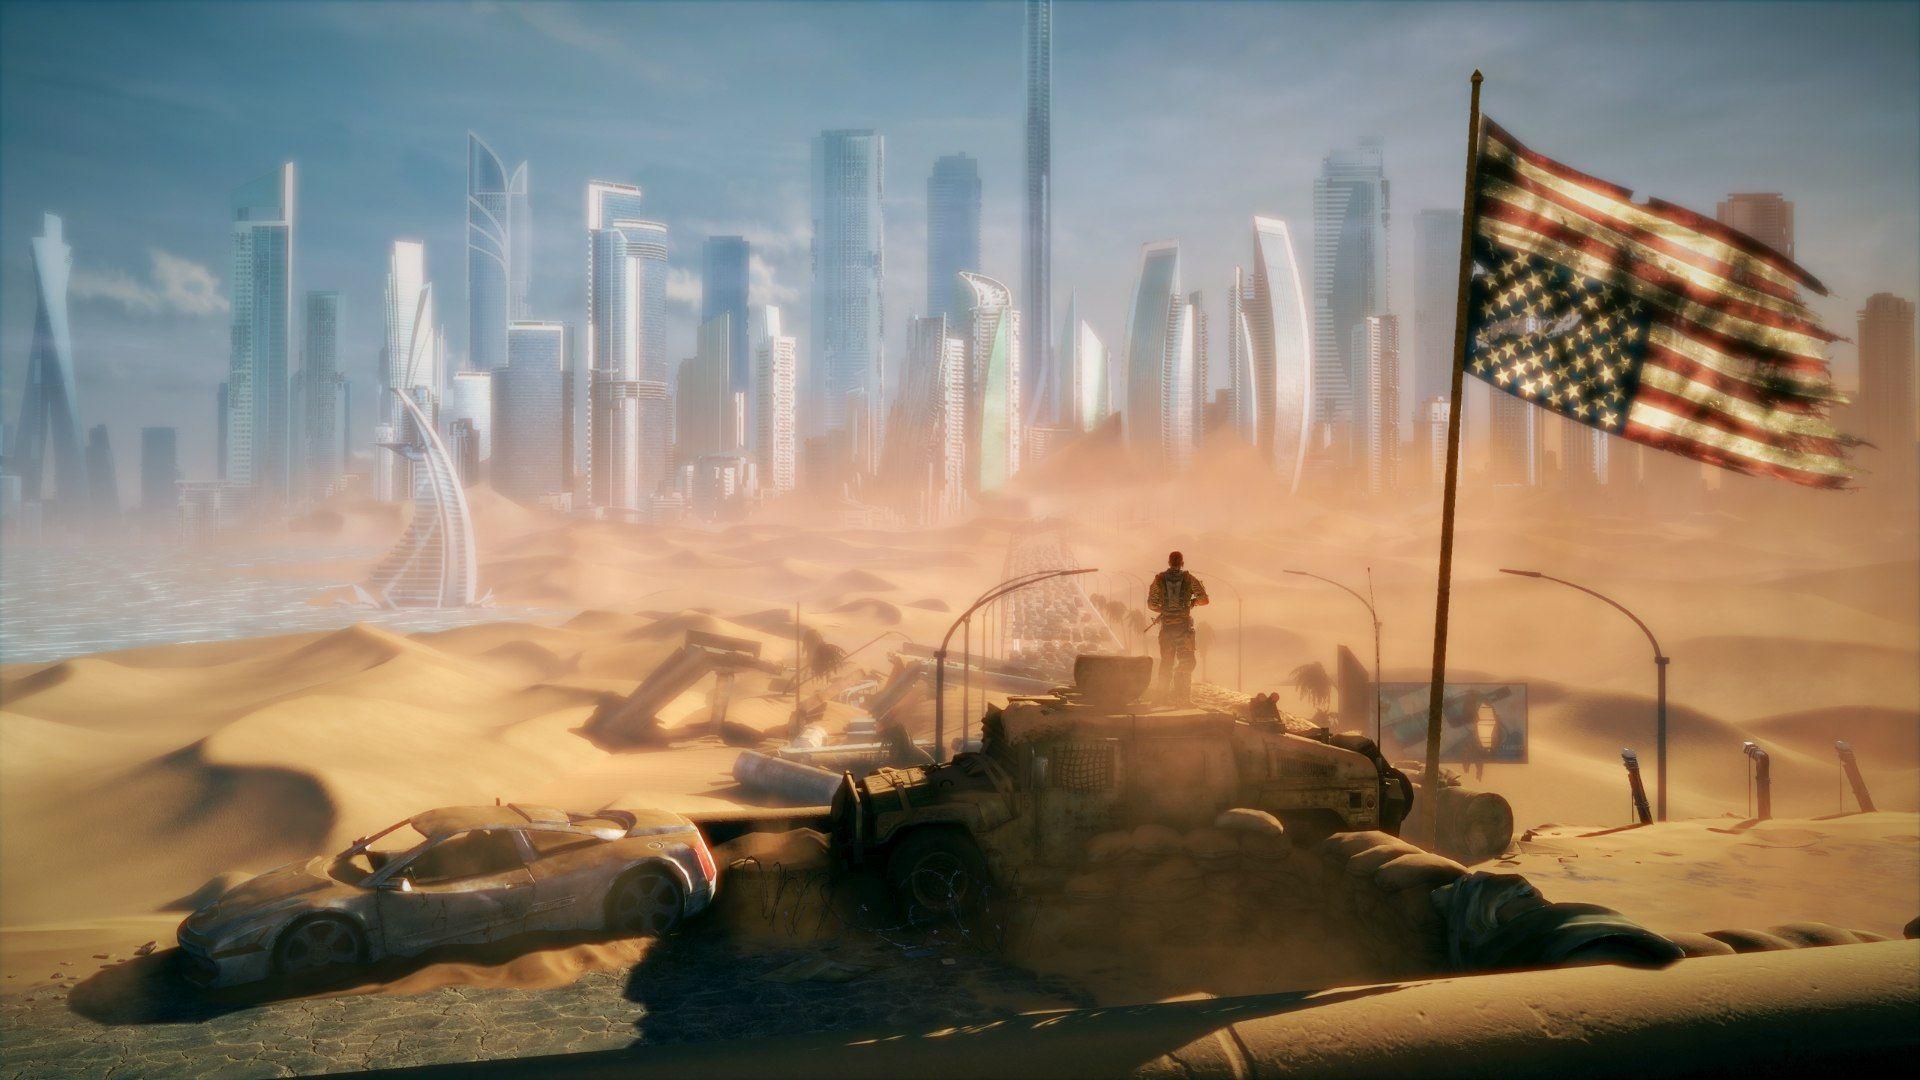 Fantasy Post Apocalyptic Landscape 094369 Jpg 1920 1080 Desert Painting Post Apocalyptic Landscape